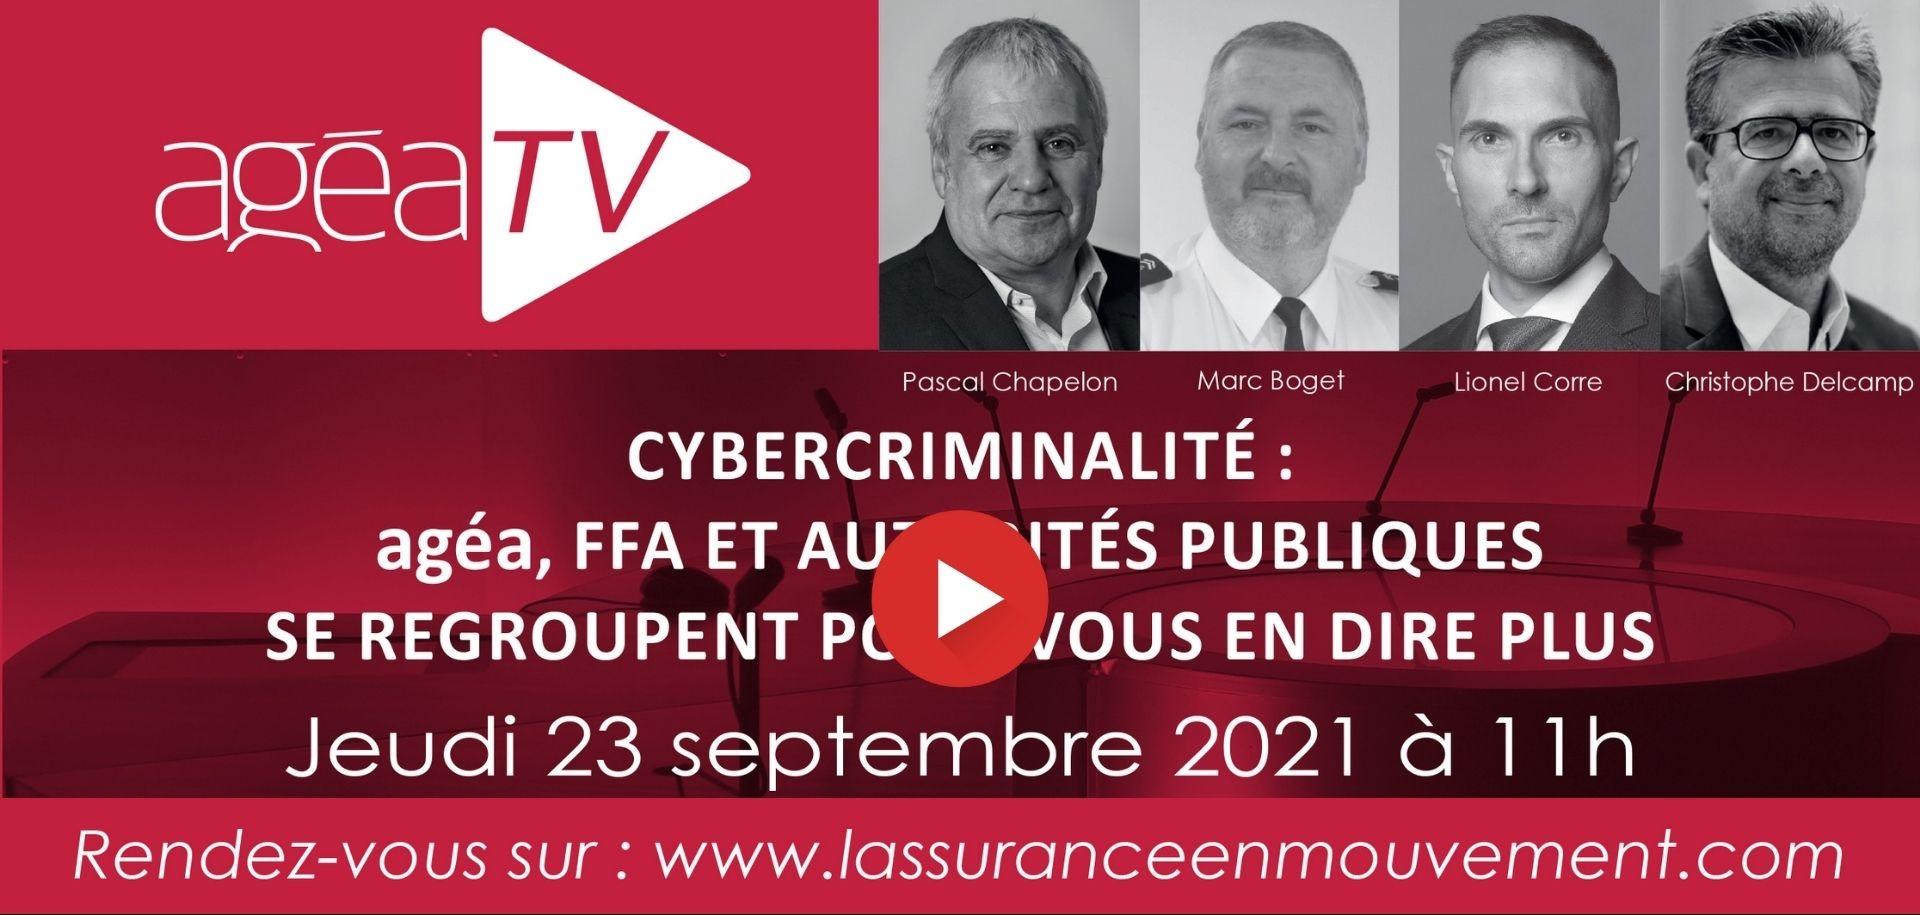 AgeaTV du 23 septembre 2021 : lutter contre la cybercriminalité